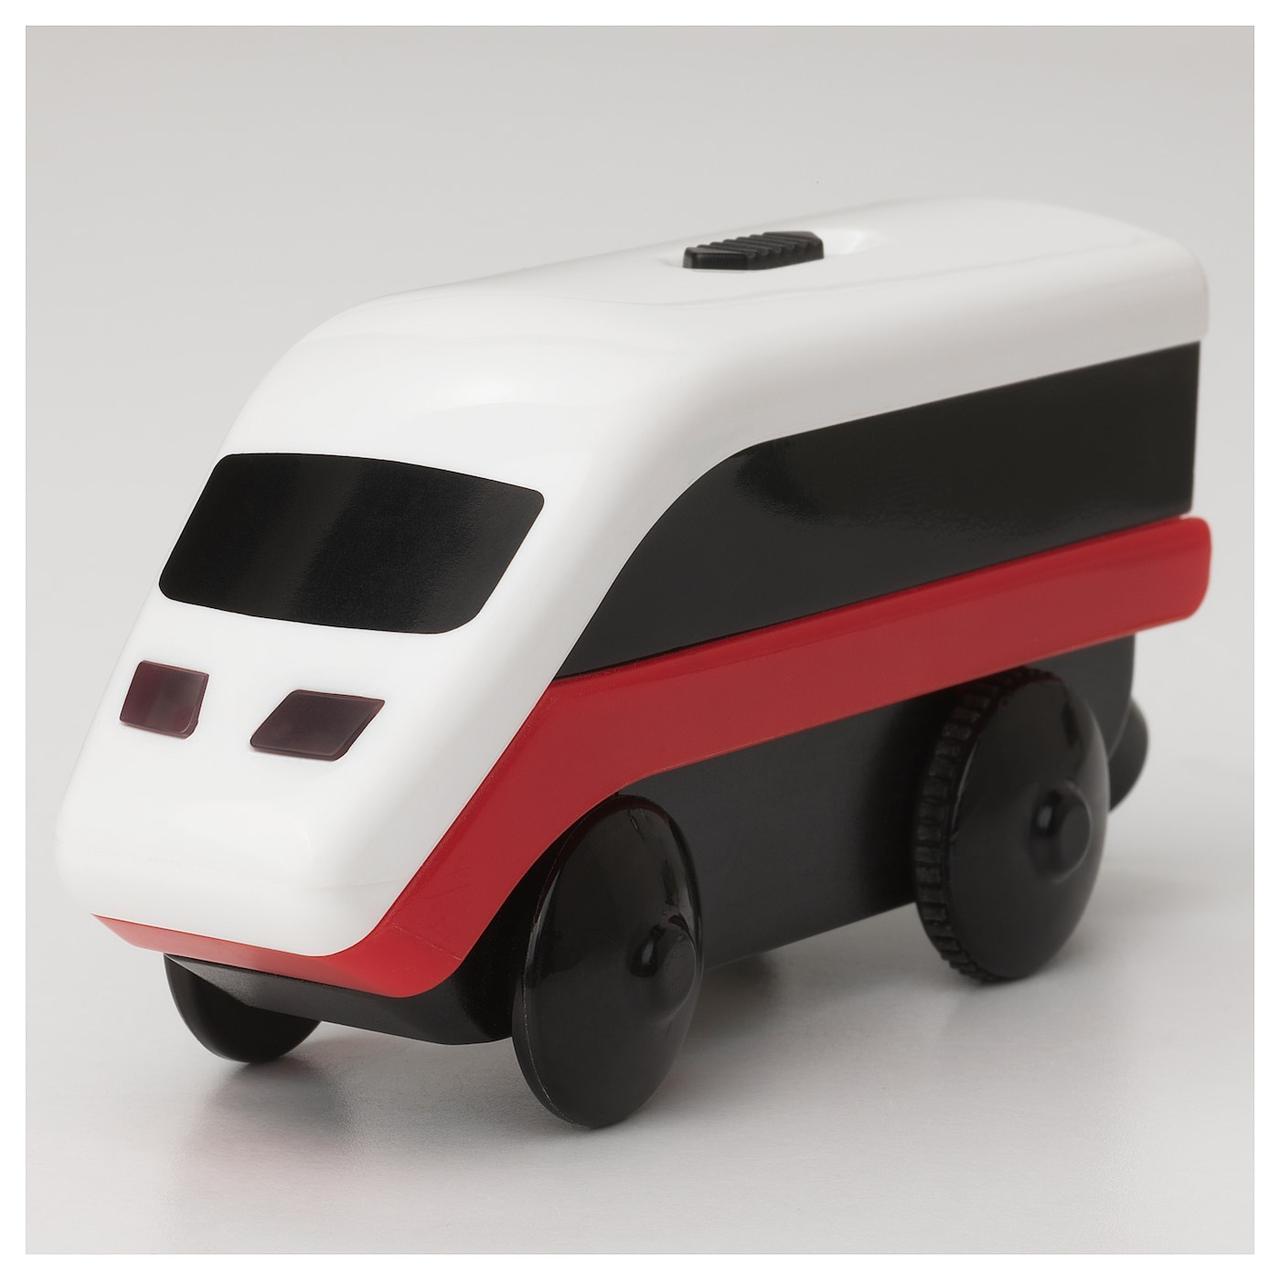 Паровозик на батарейках для деревянной железной дороги Ikea Lillabo